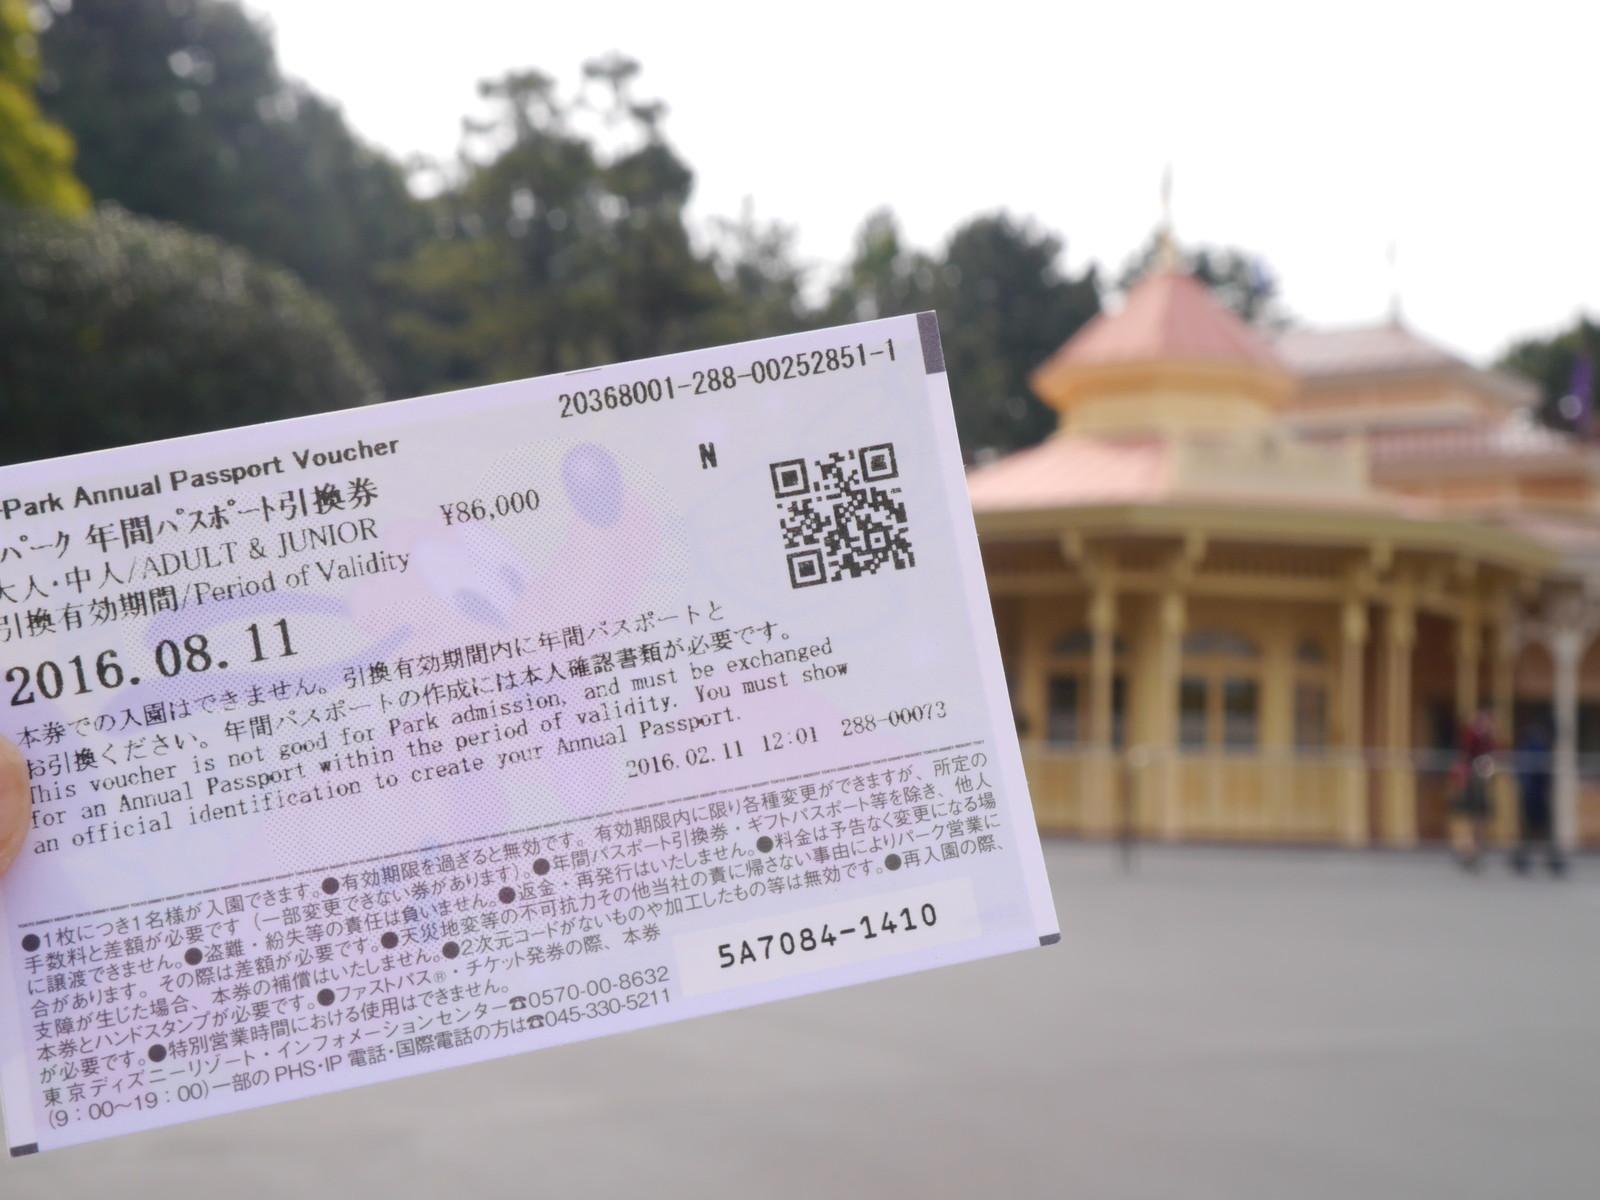 ディズニー年パス引き換えレポート!パスポート値上げ後は混雑してた